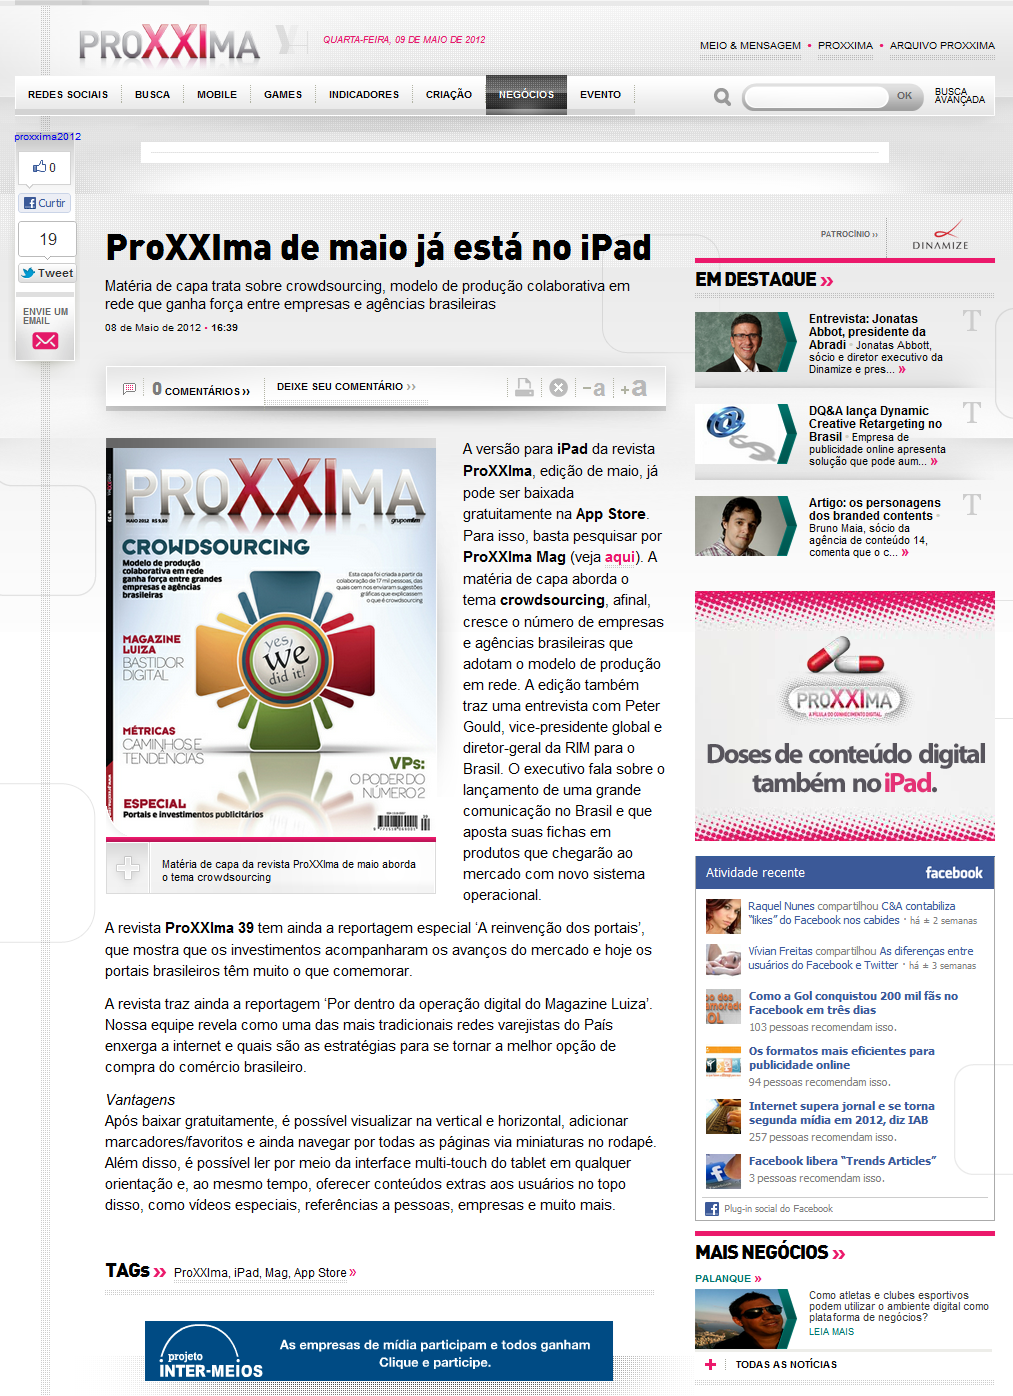 """Ilustração """"WES, WE DID IT!"""" em destaque na HOME do site da ProXXima:"""